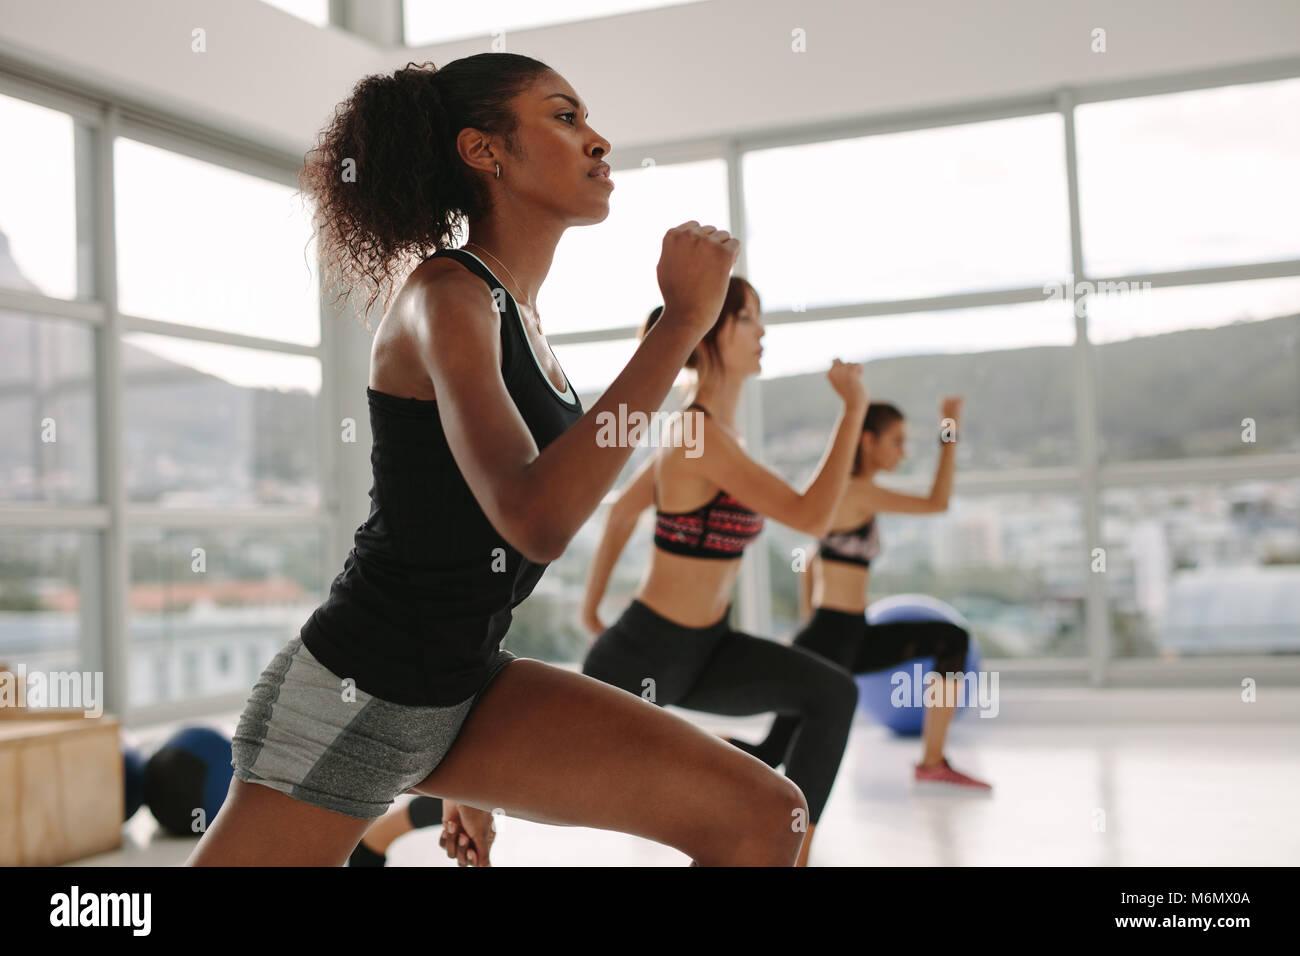 Mujer joven en ropa deportiva haciendo ejercicio durante el intenso entrenamiento de circuito en la clase de gimnasia. Imagen De Stock